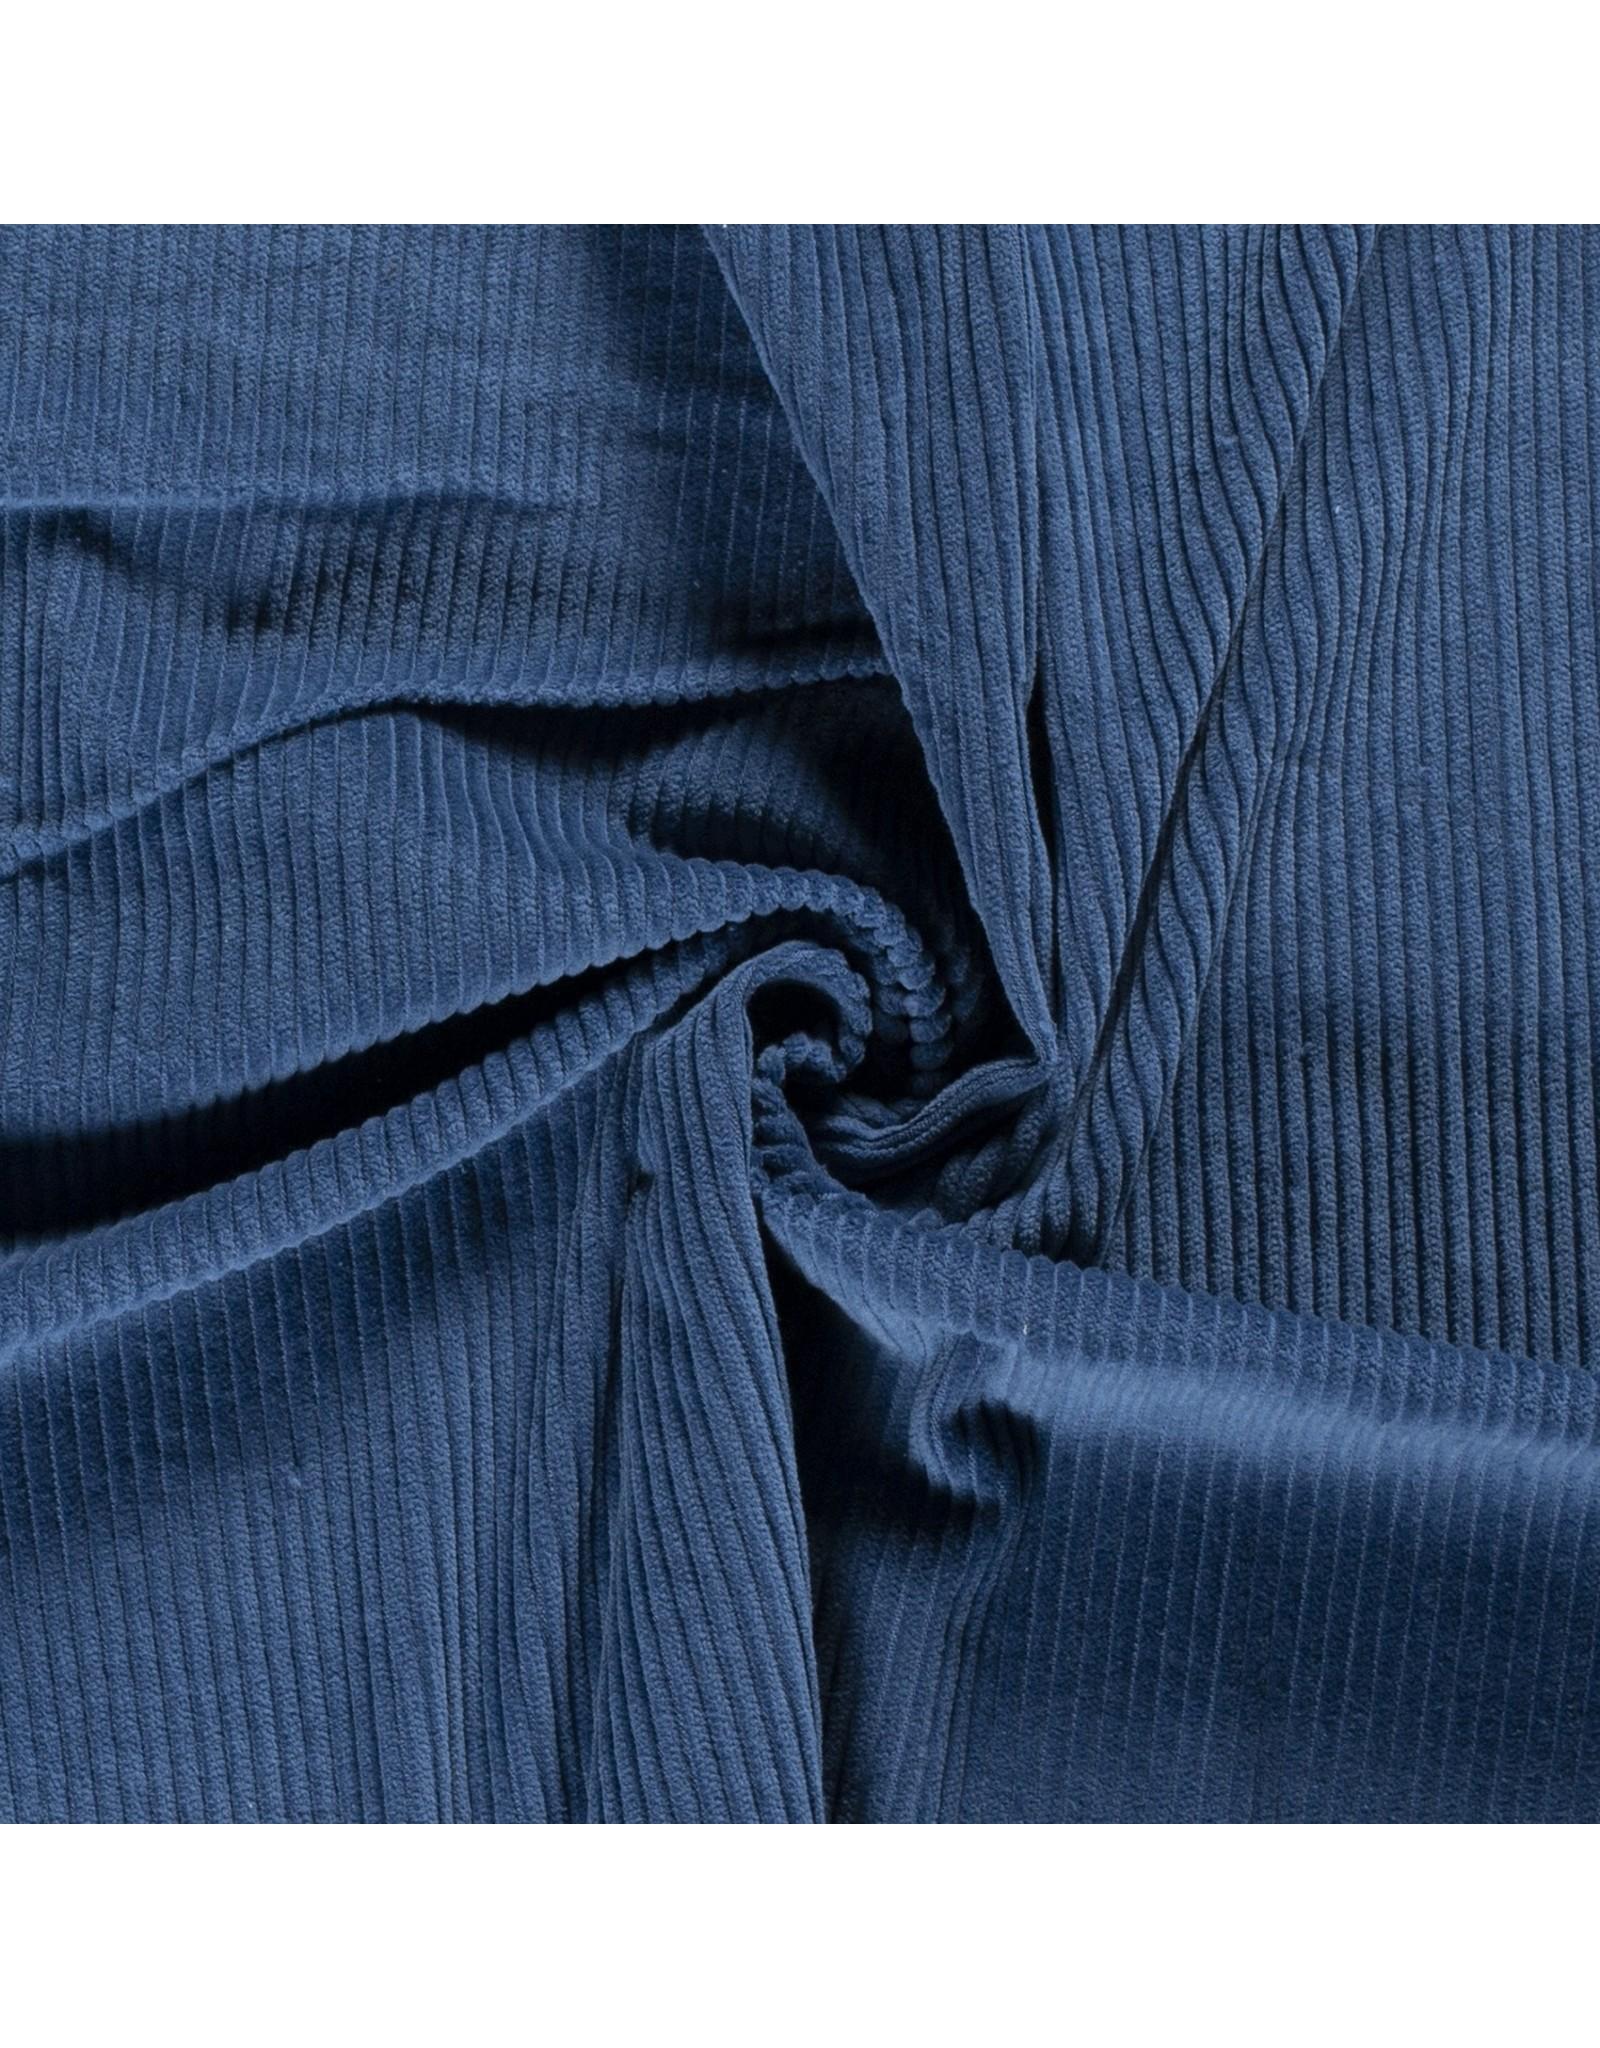 Cotton Corduroy - Jeans